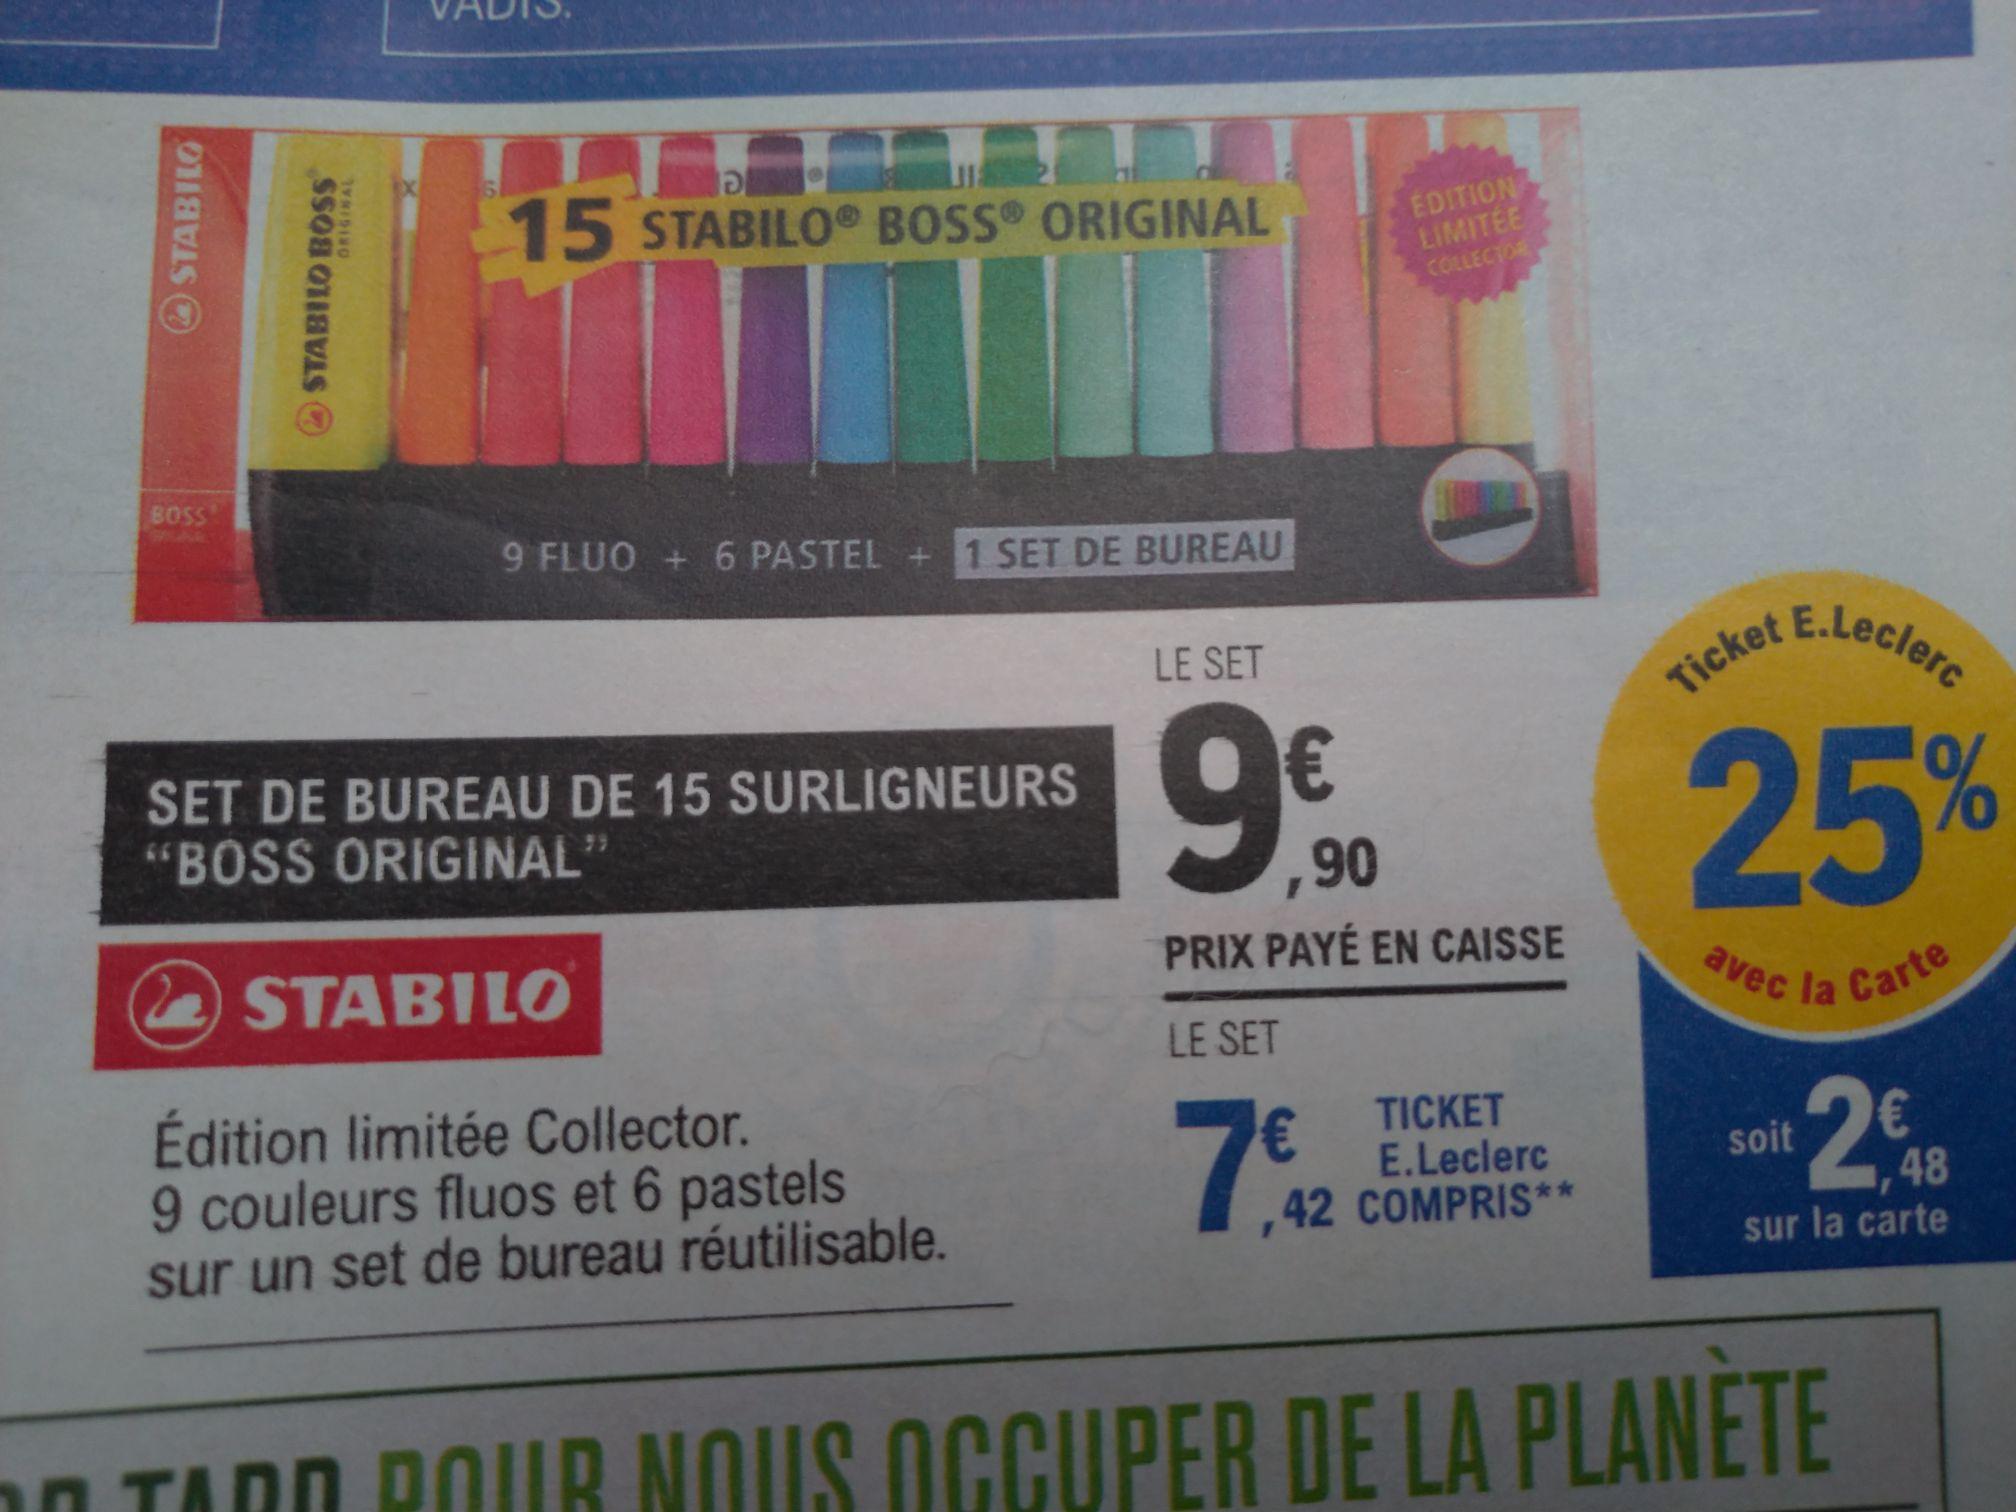 Lot de 15 stabilo Boss - 9 fluo + 9 pastel avec support pour bureau (via 2.48€ sur la carte fidélité)